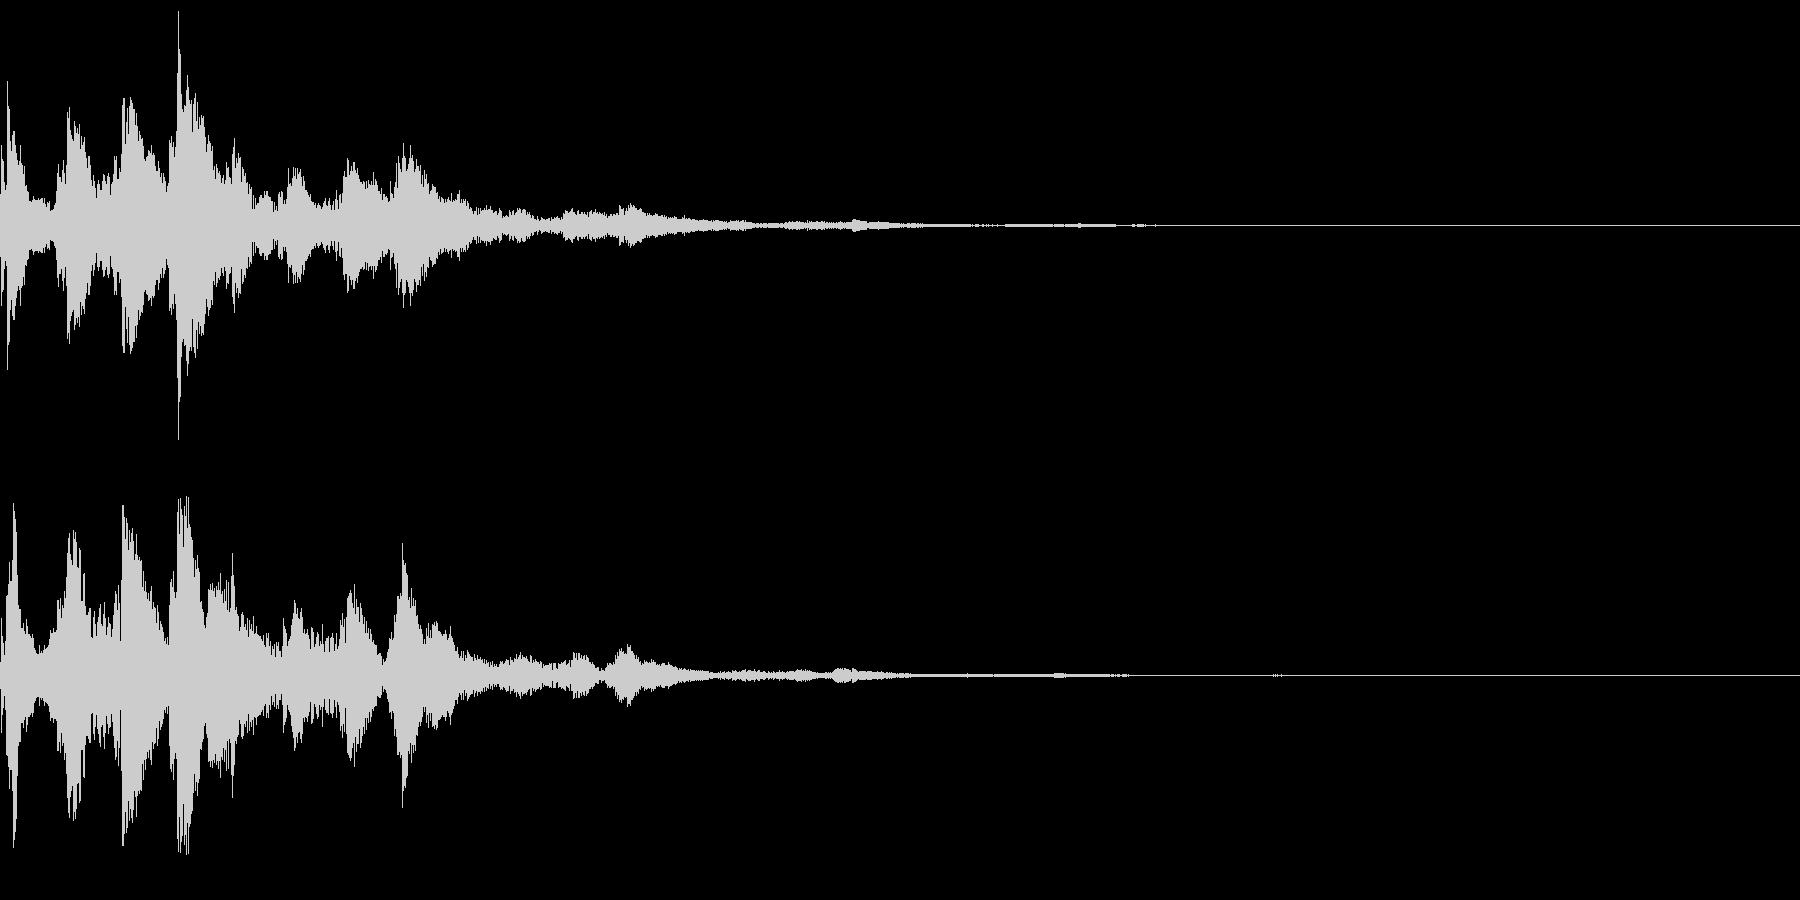 システム音44_シンセCIの未再生の波形